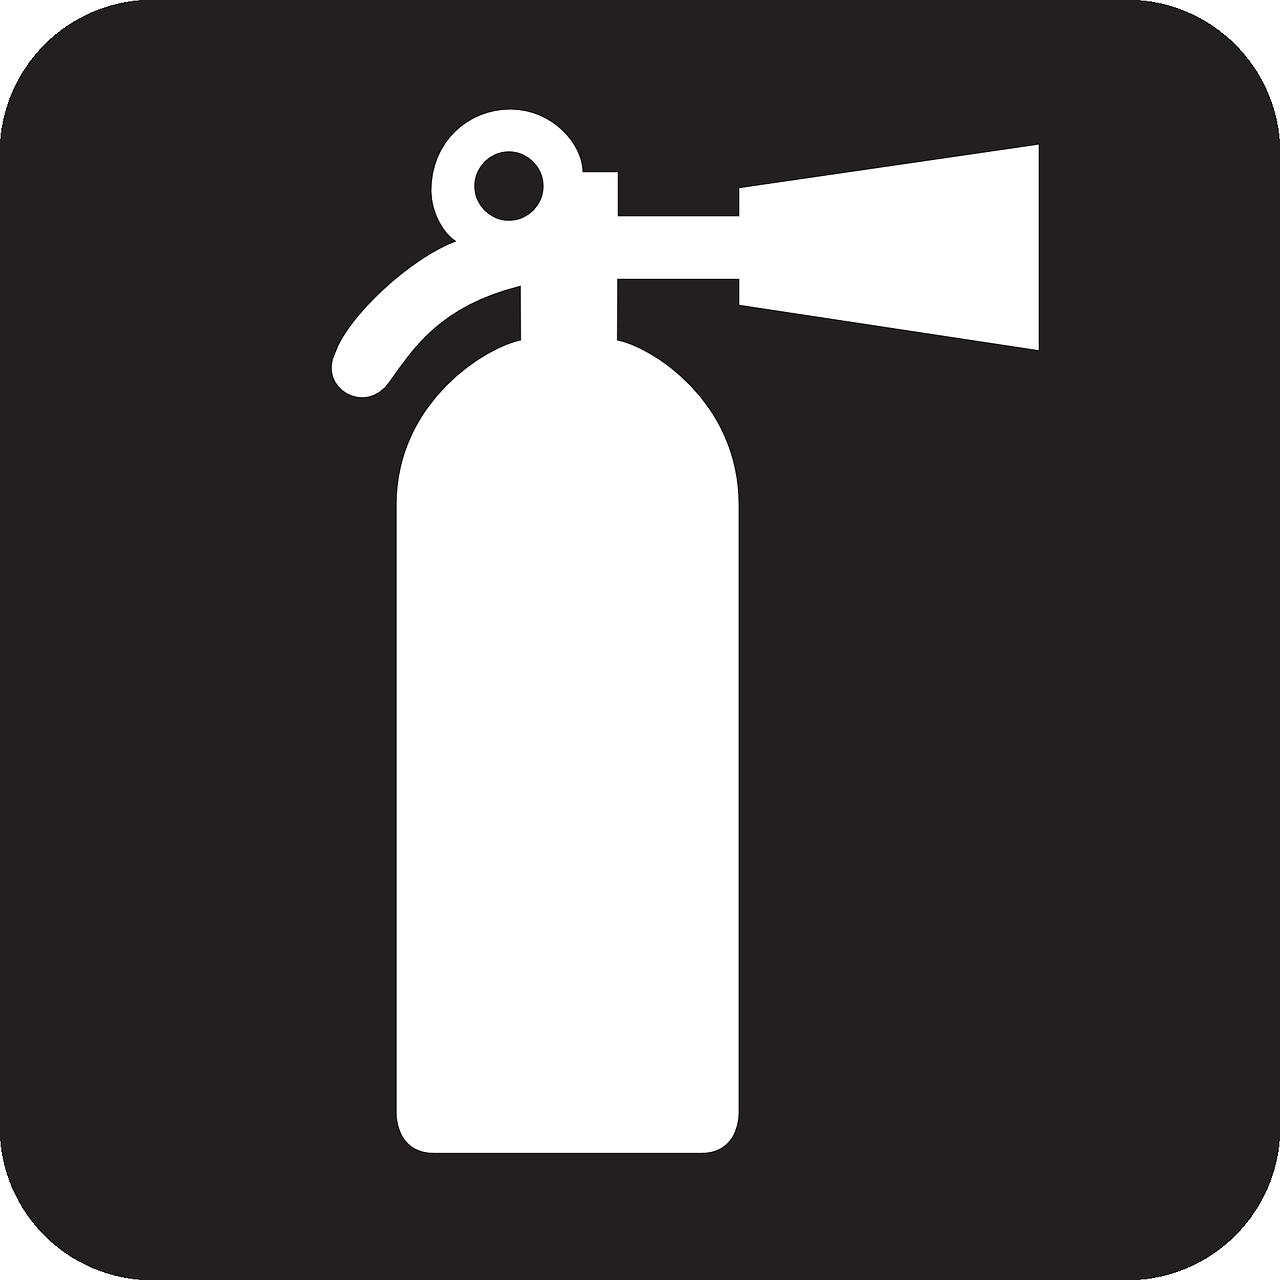 灭火器,消防水幕,手提式灭火器,火,黑,迹象,符号,图标